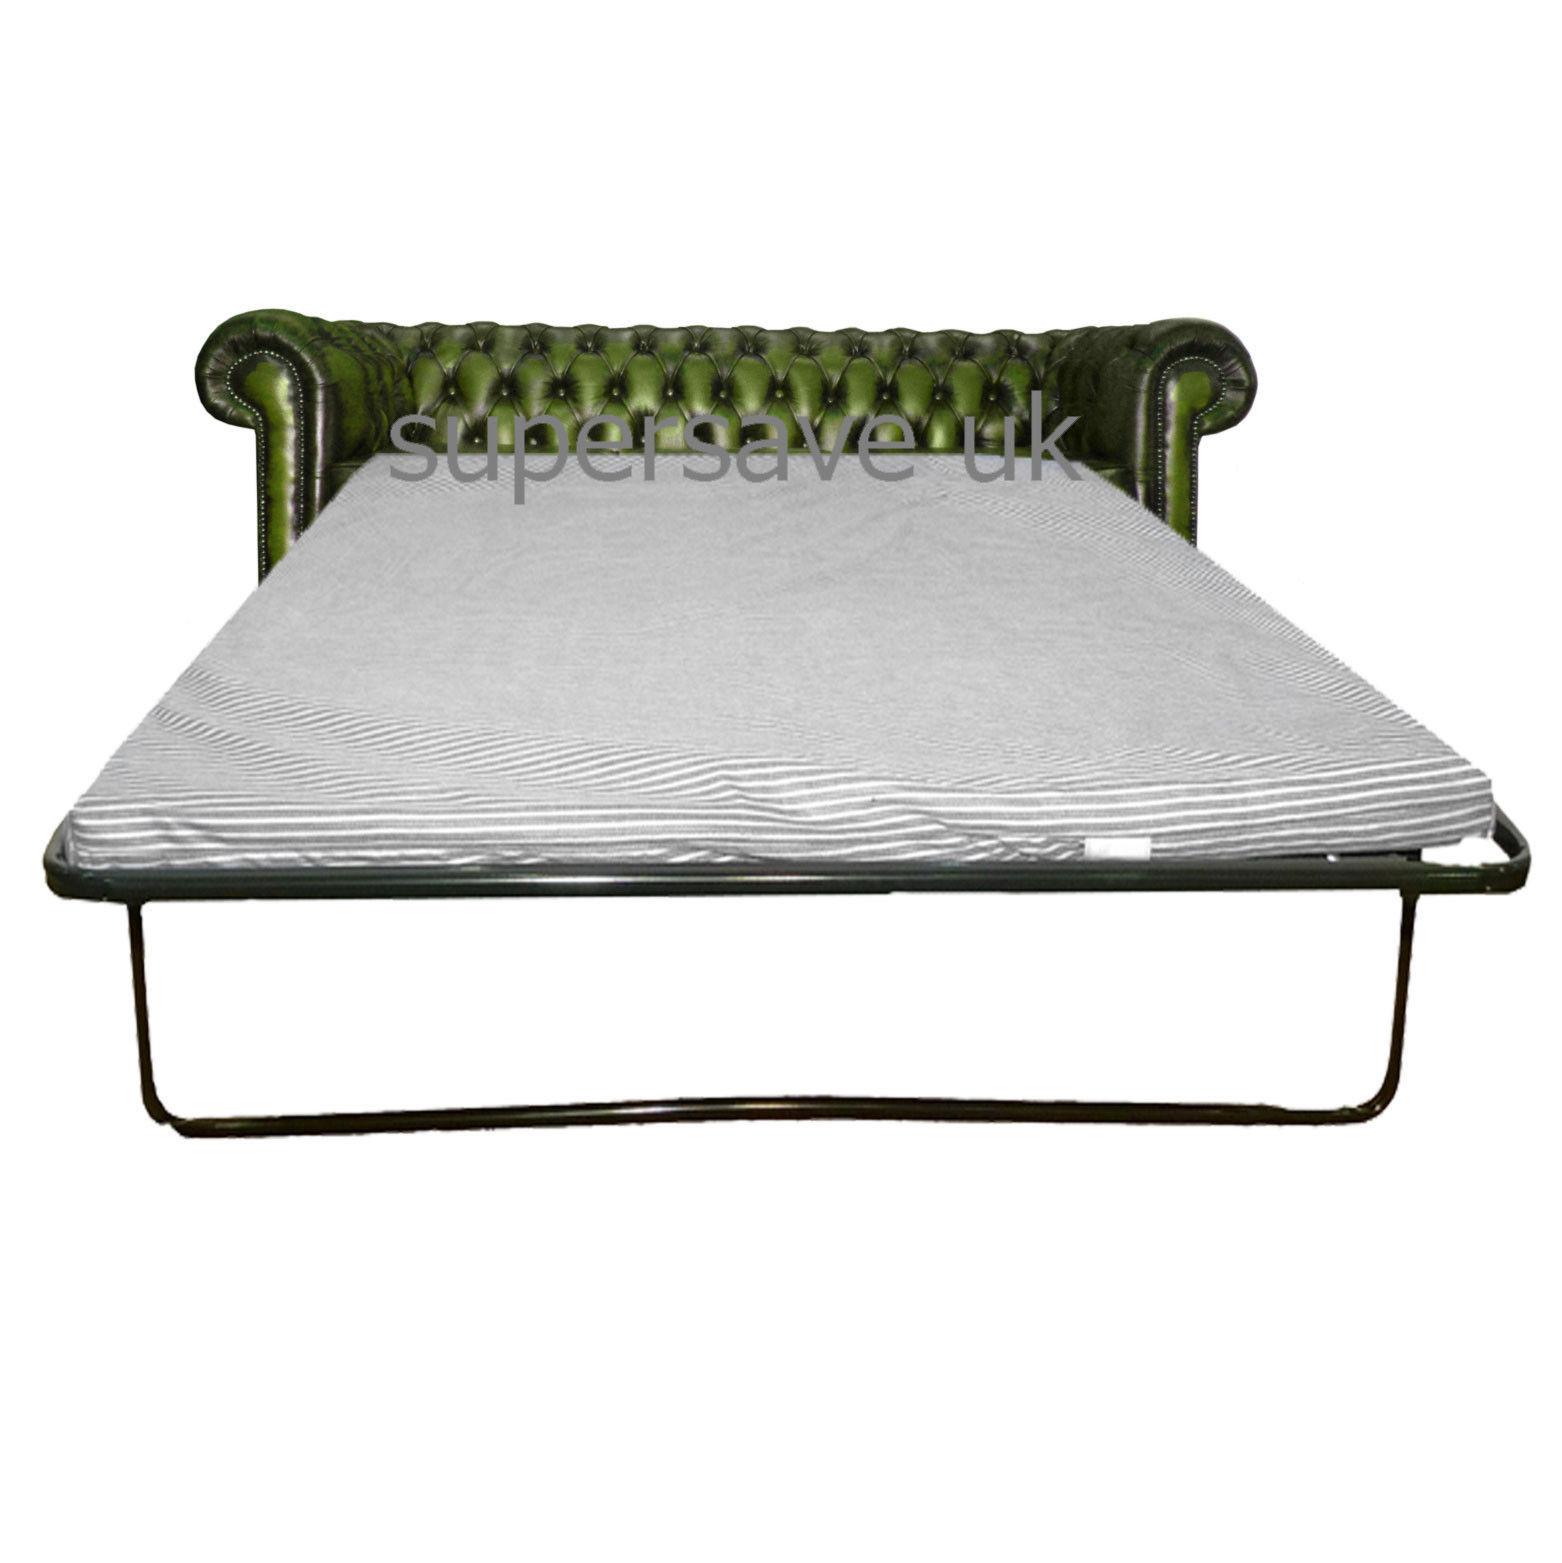 Chesterfield 100 vera pelle verde antico tre posti divano - Divano letto a tre posti ...